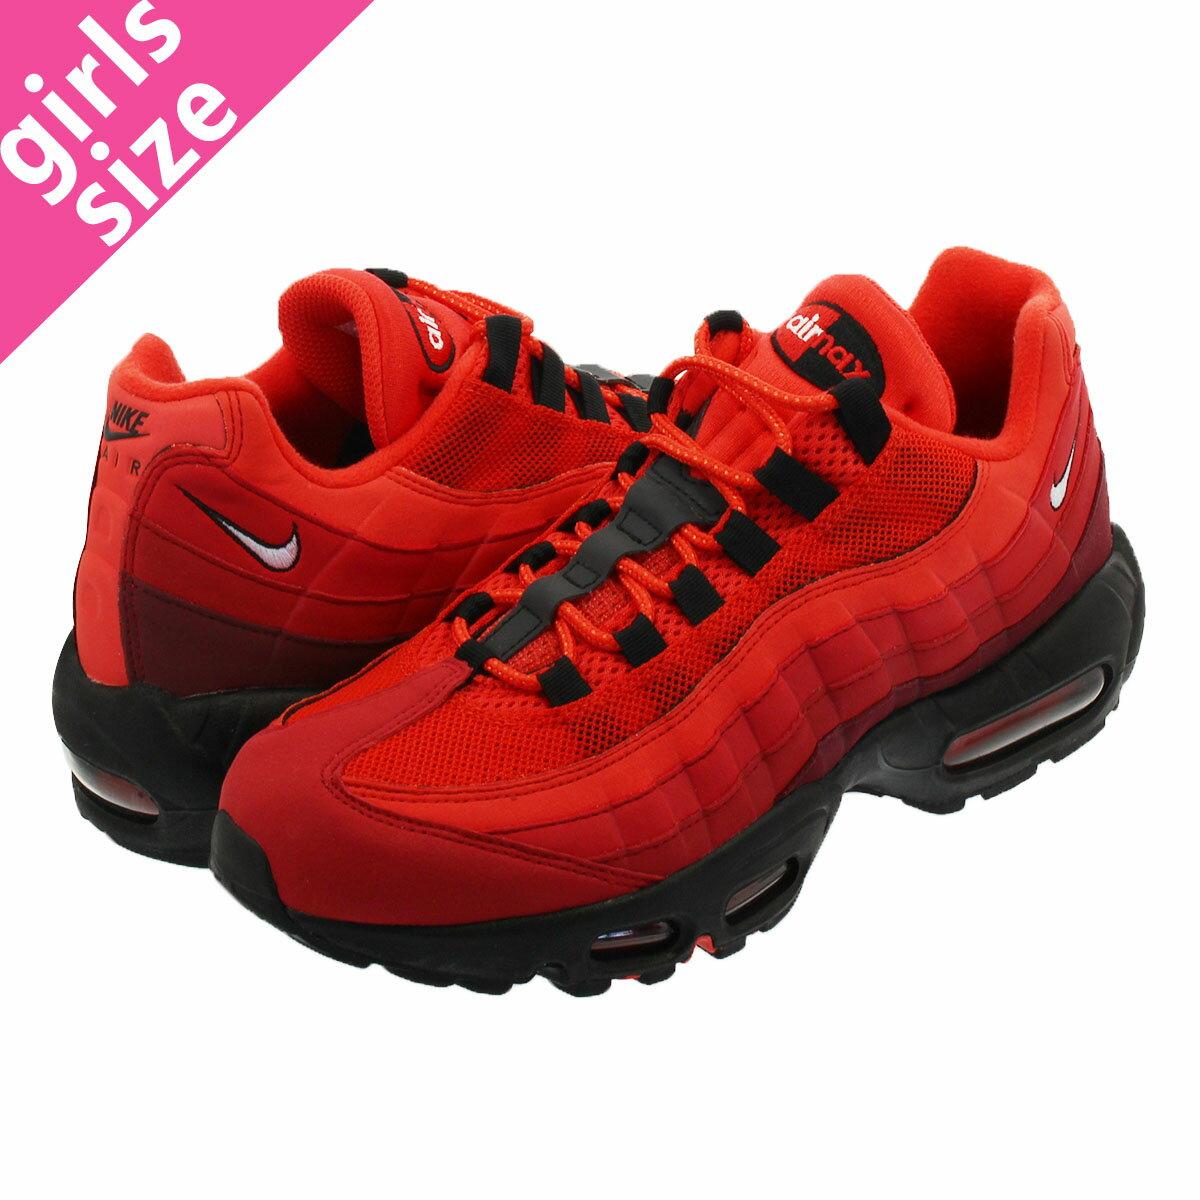 Nike Air Max 95 (Red) AT2865 600 | Jimmy Jazz